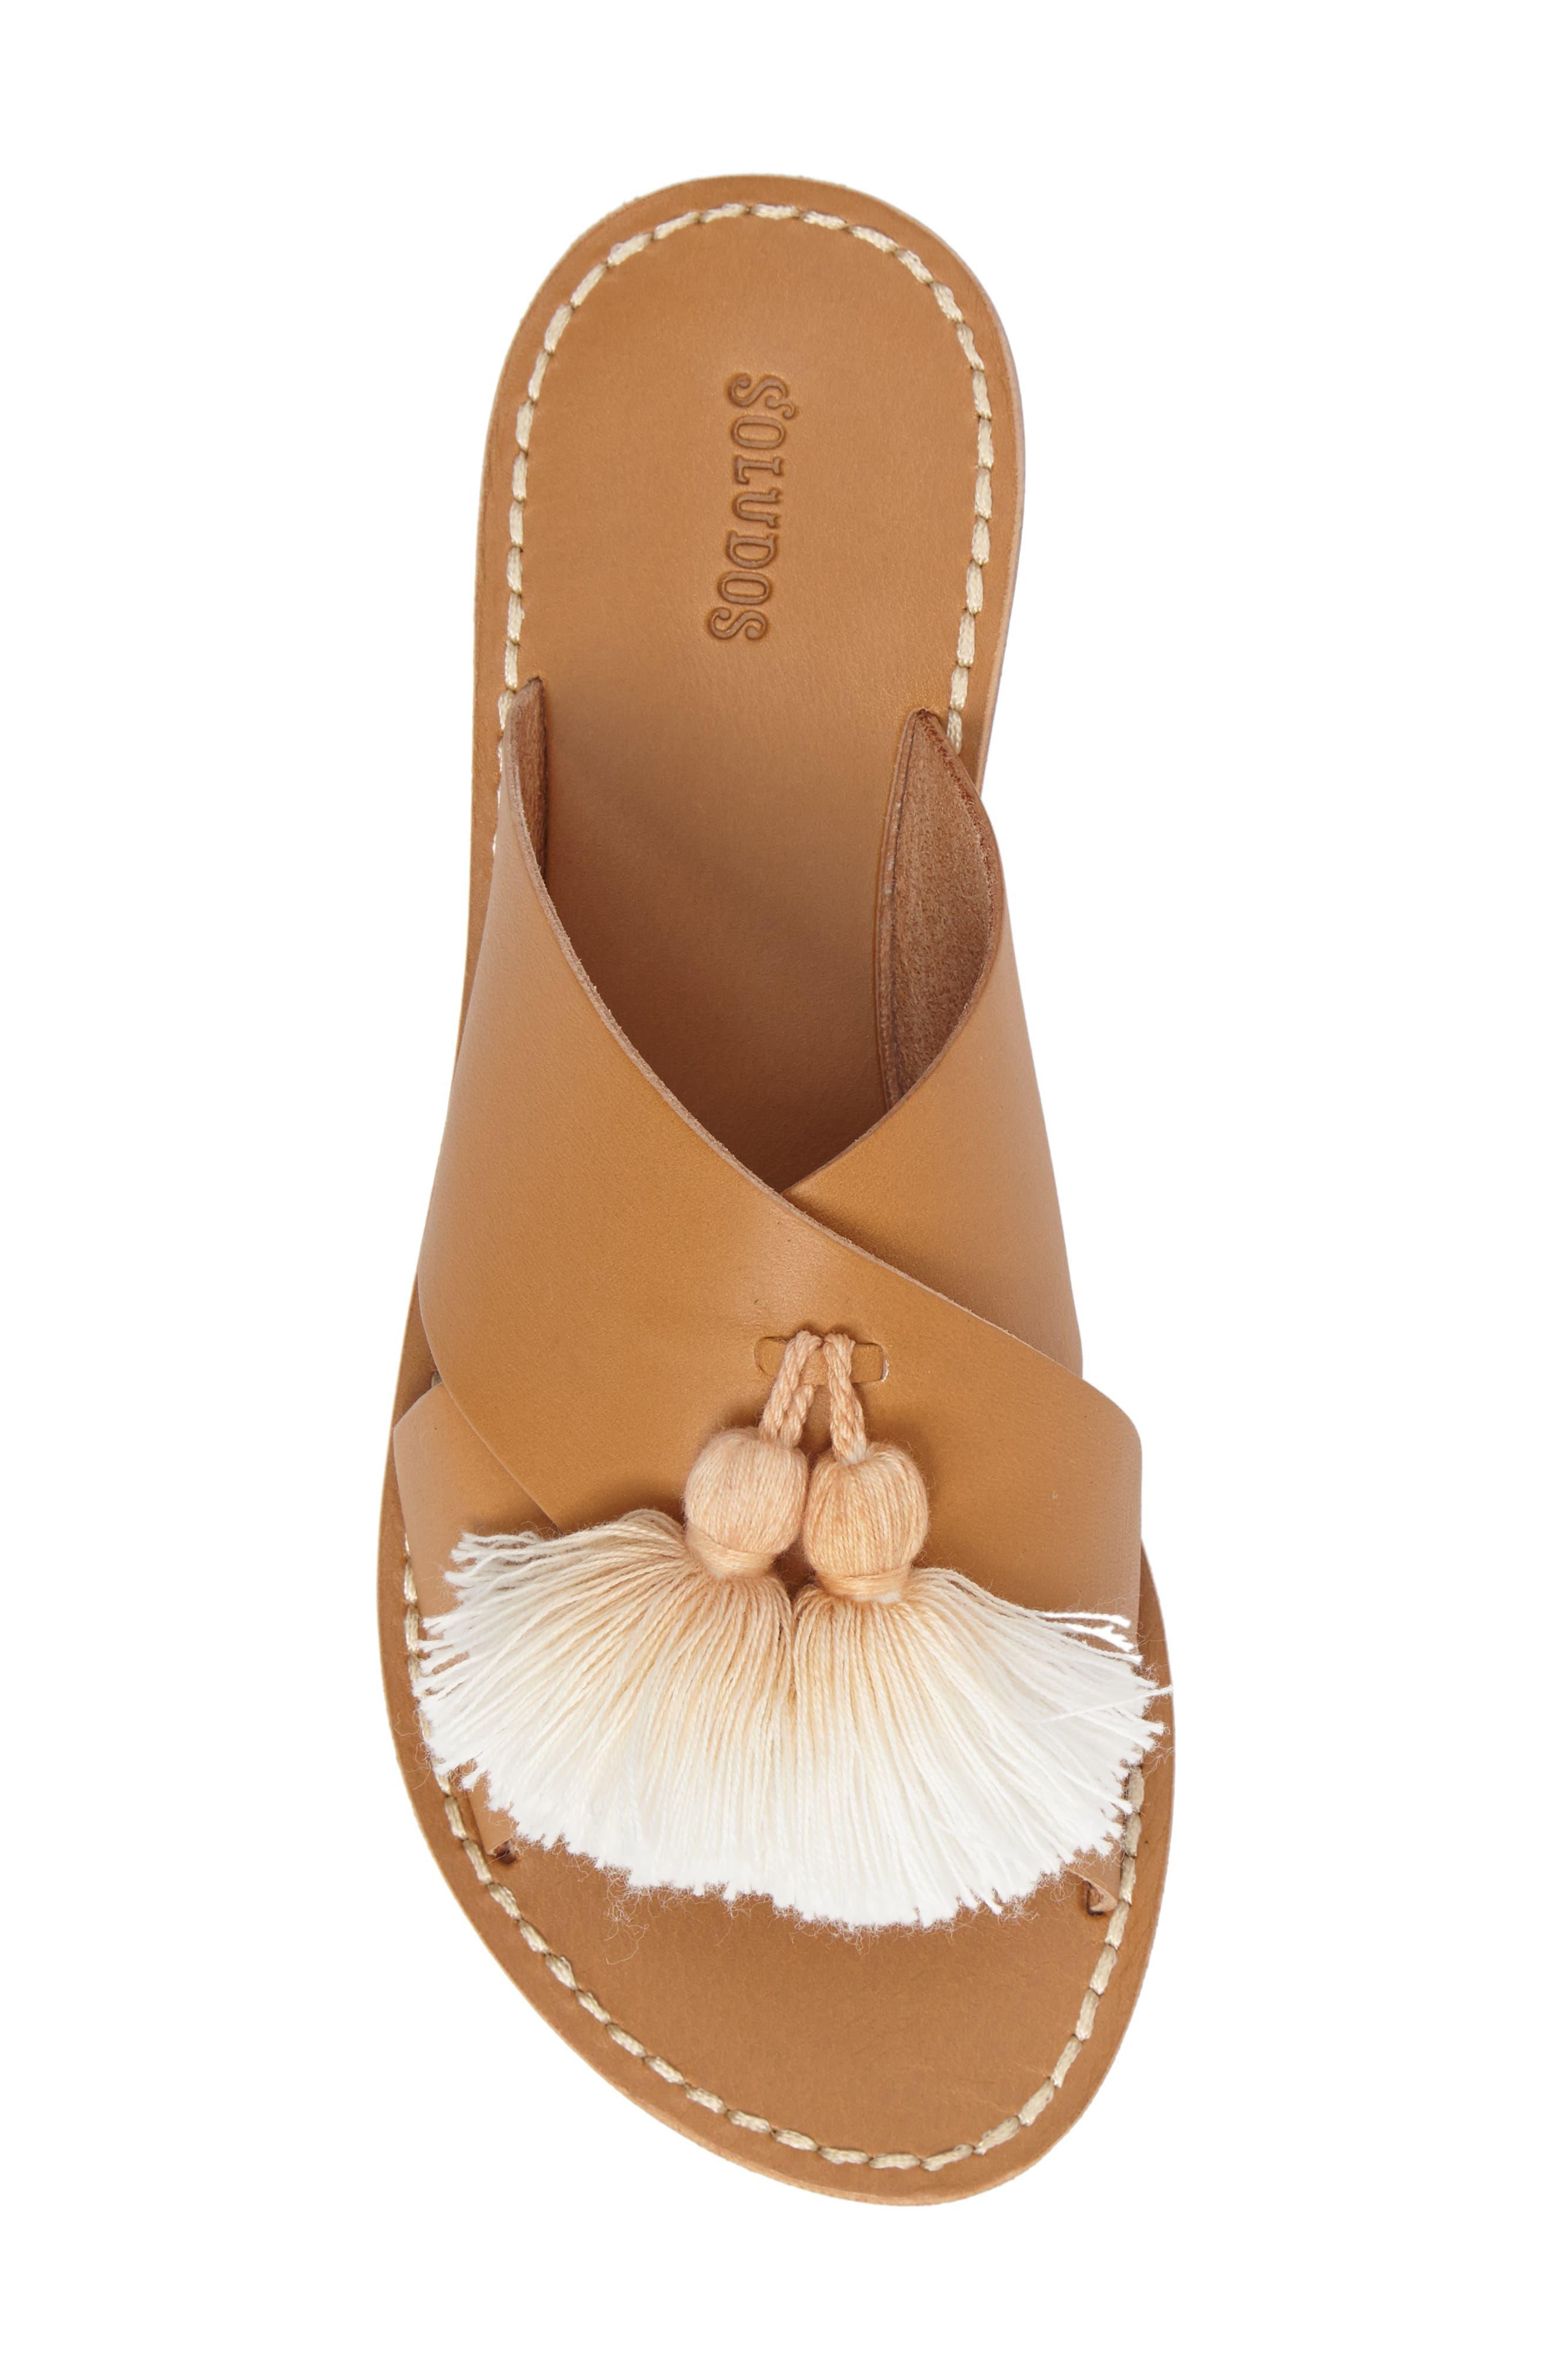 Tassel Slide Sandal,                             Alternate thumbnail 5, color,                             Brown Leather